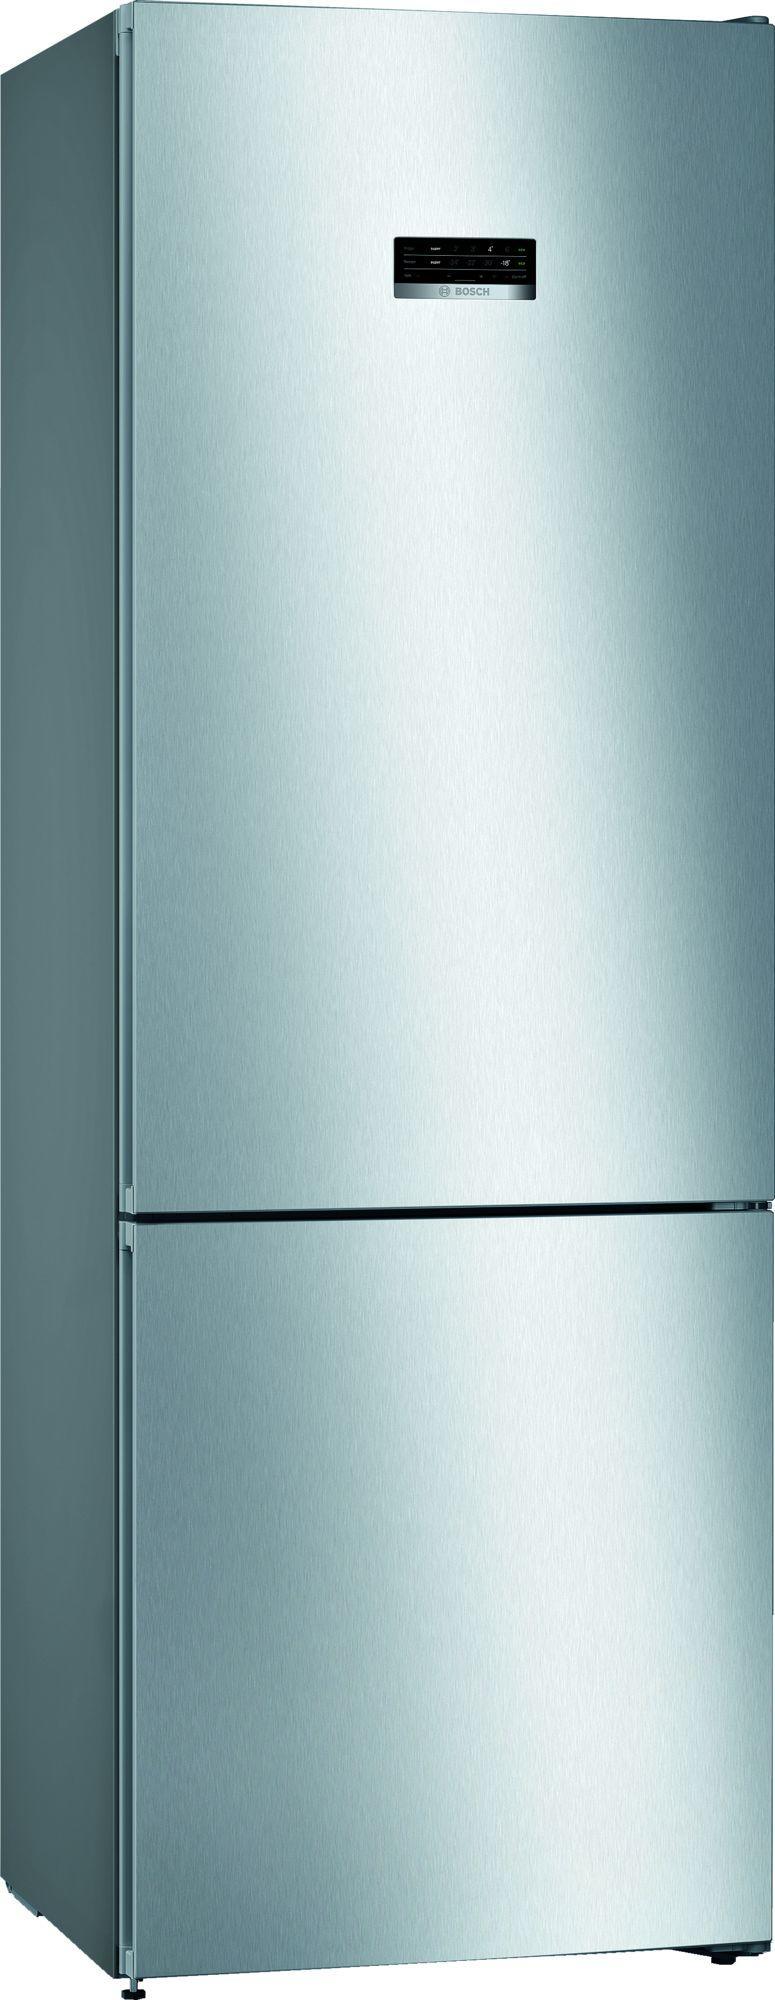 Image of Serie 4 KGN49XLEA 70cm 435 Litre Frost Free Fridge Freezer | Silver Innox